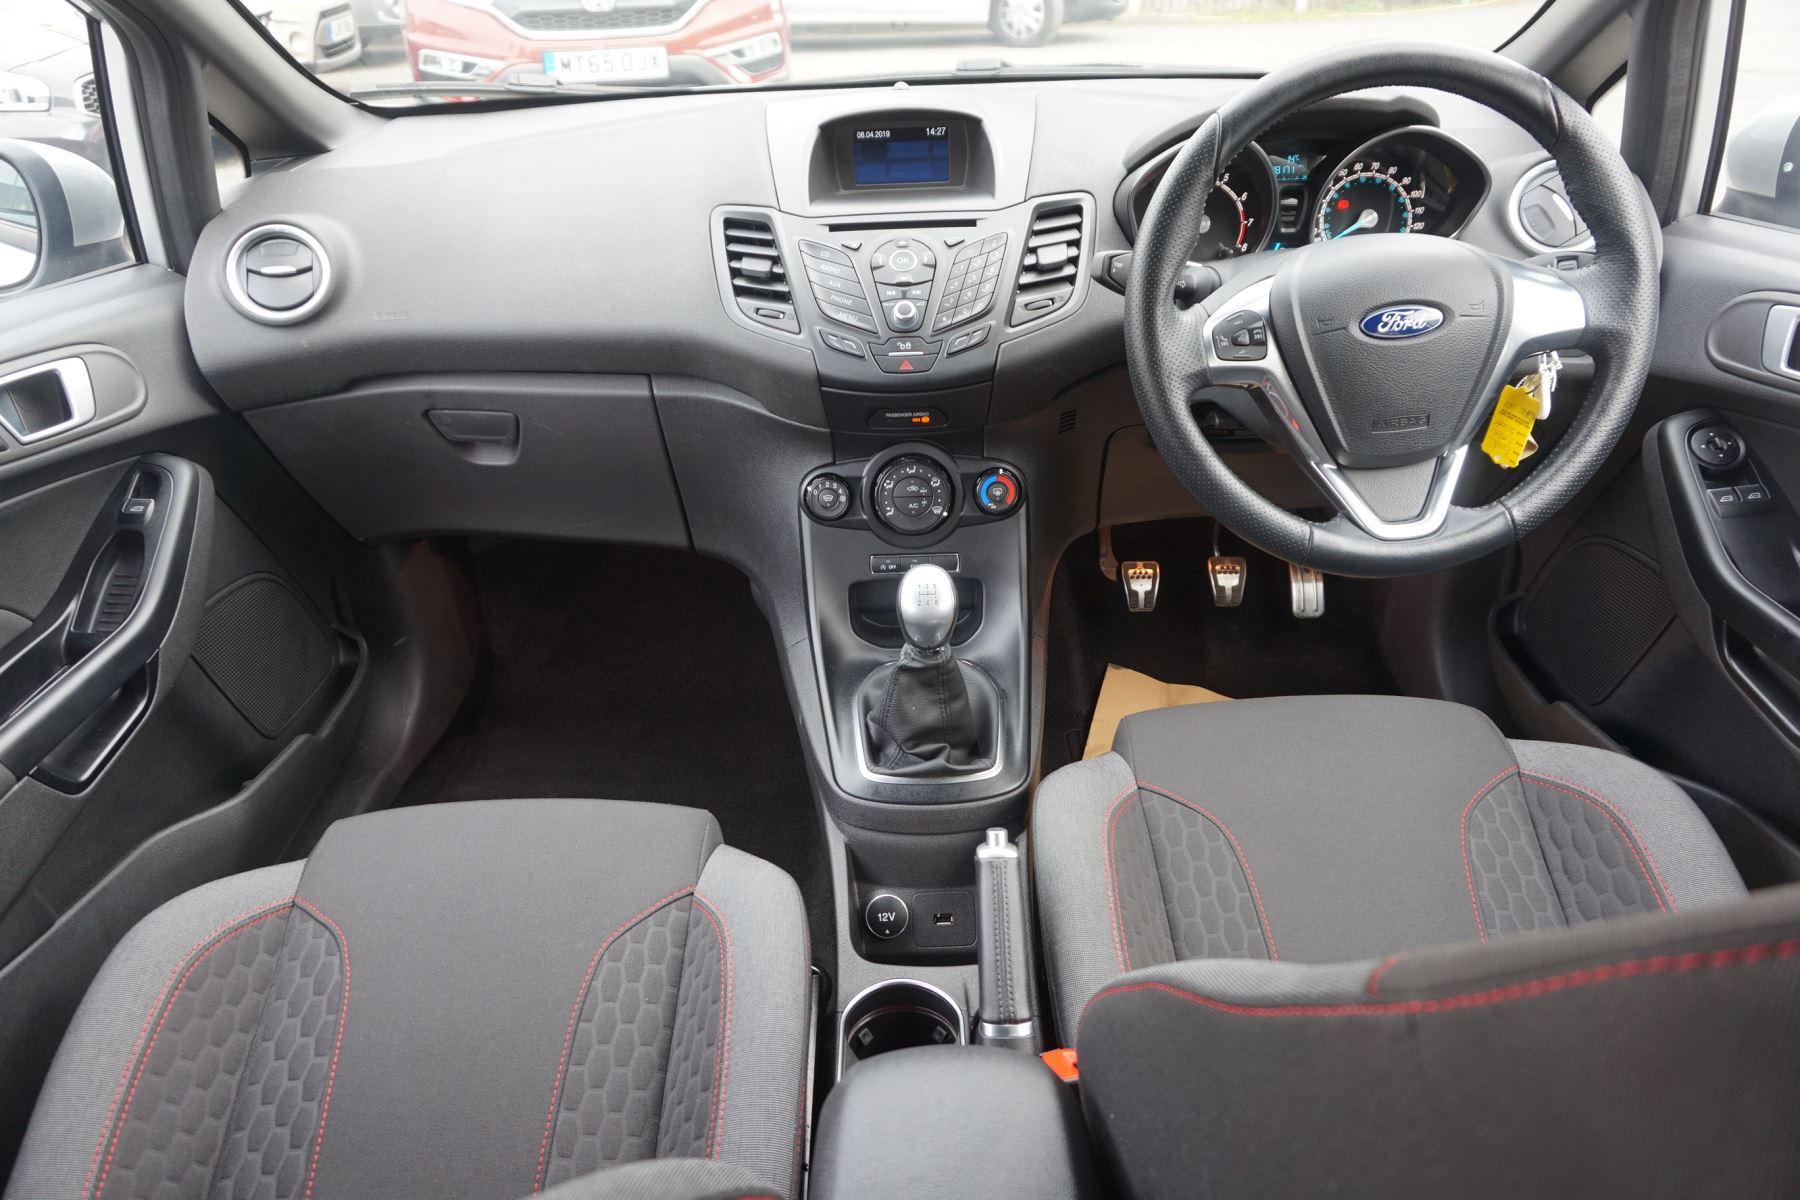 Ford Fiesta 1.0 EcoBoost 125 ST-Line 5dr image 10